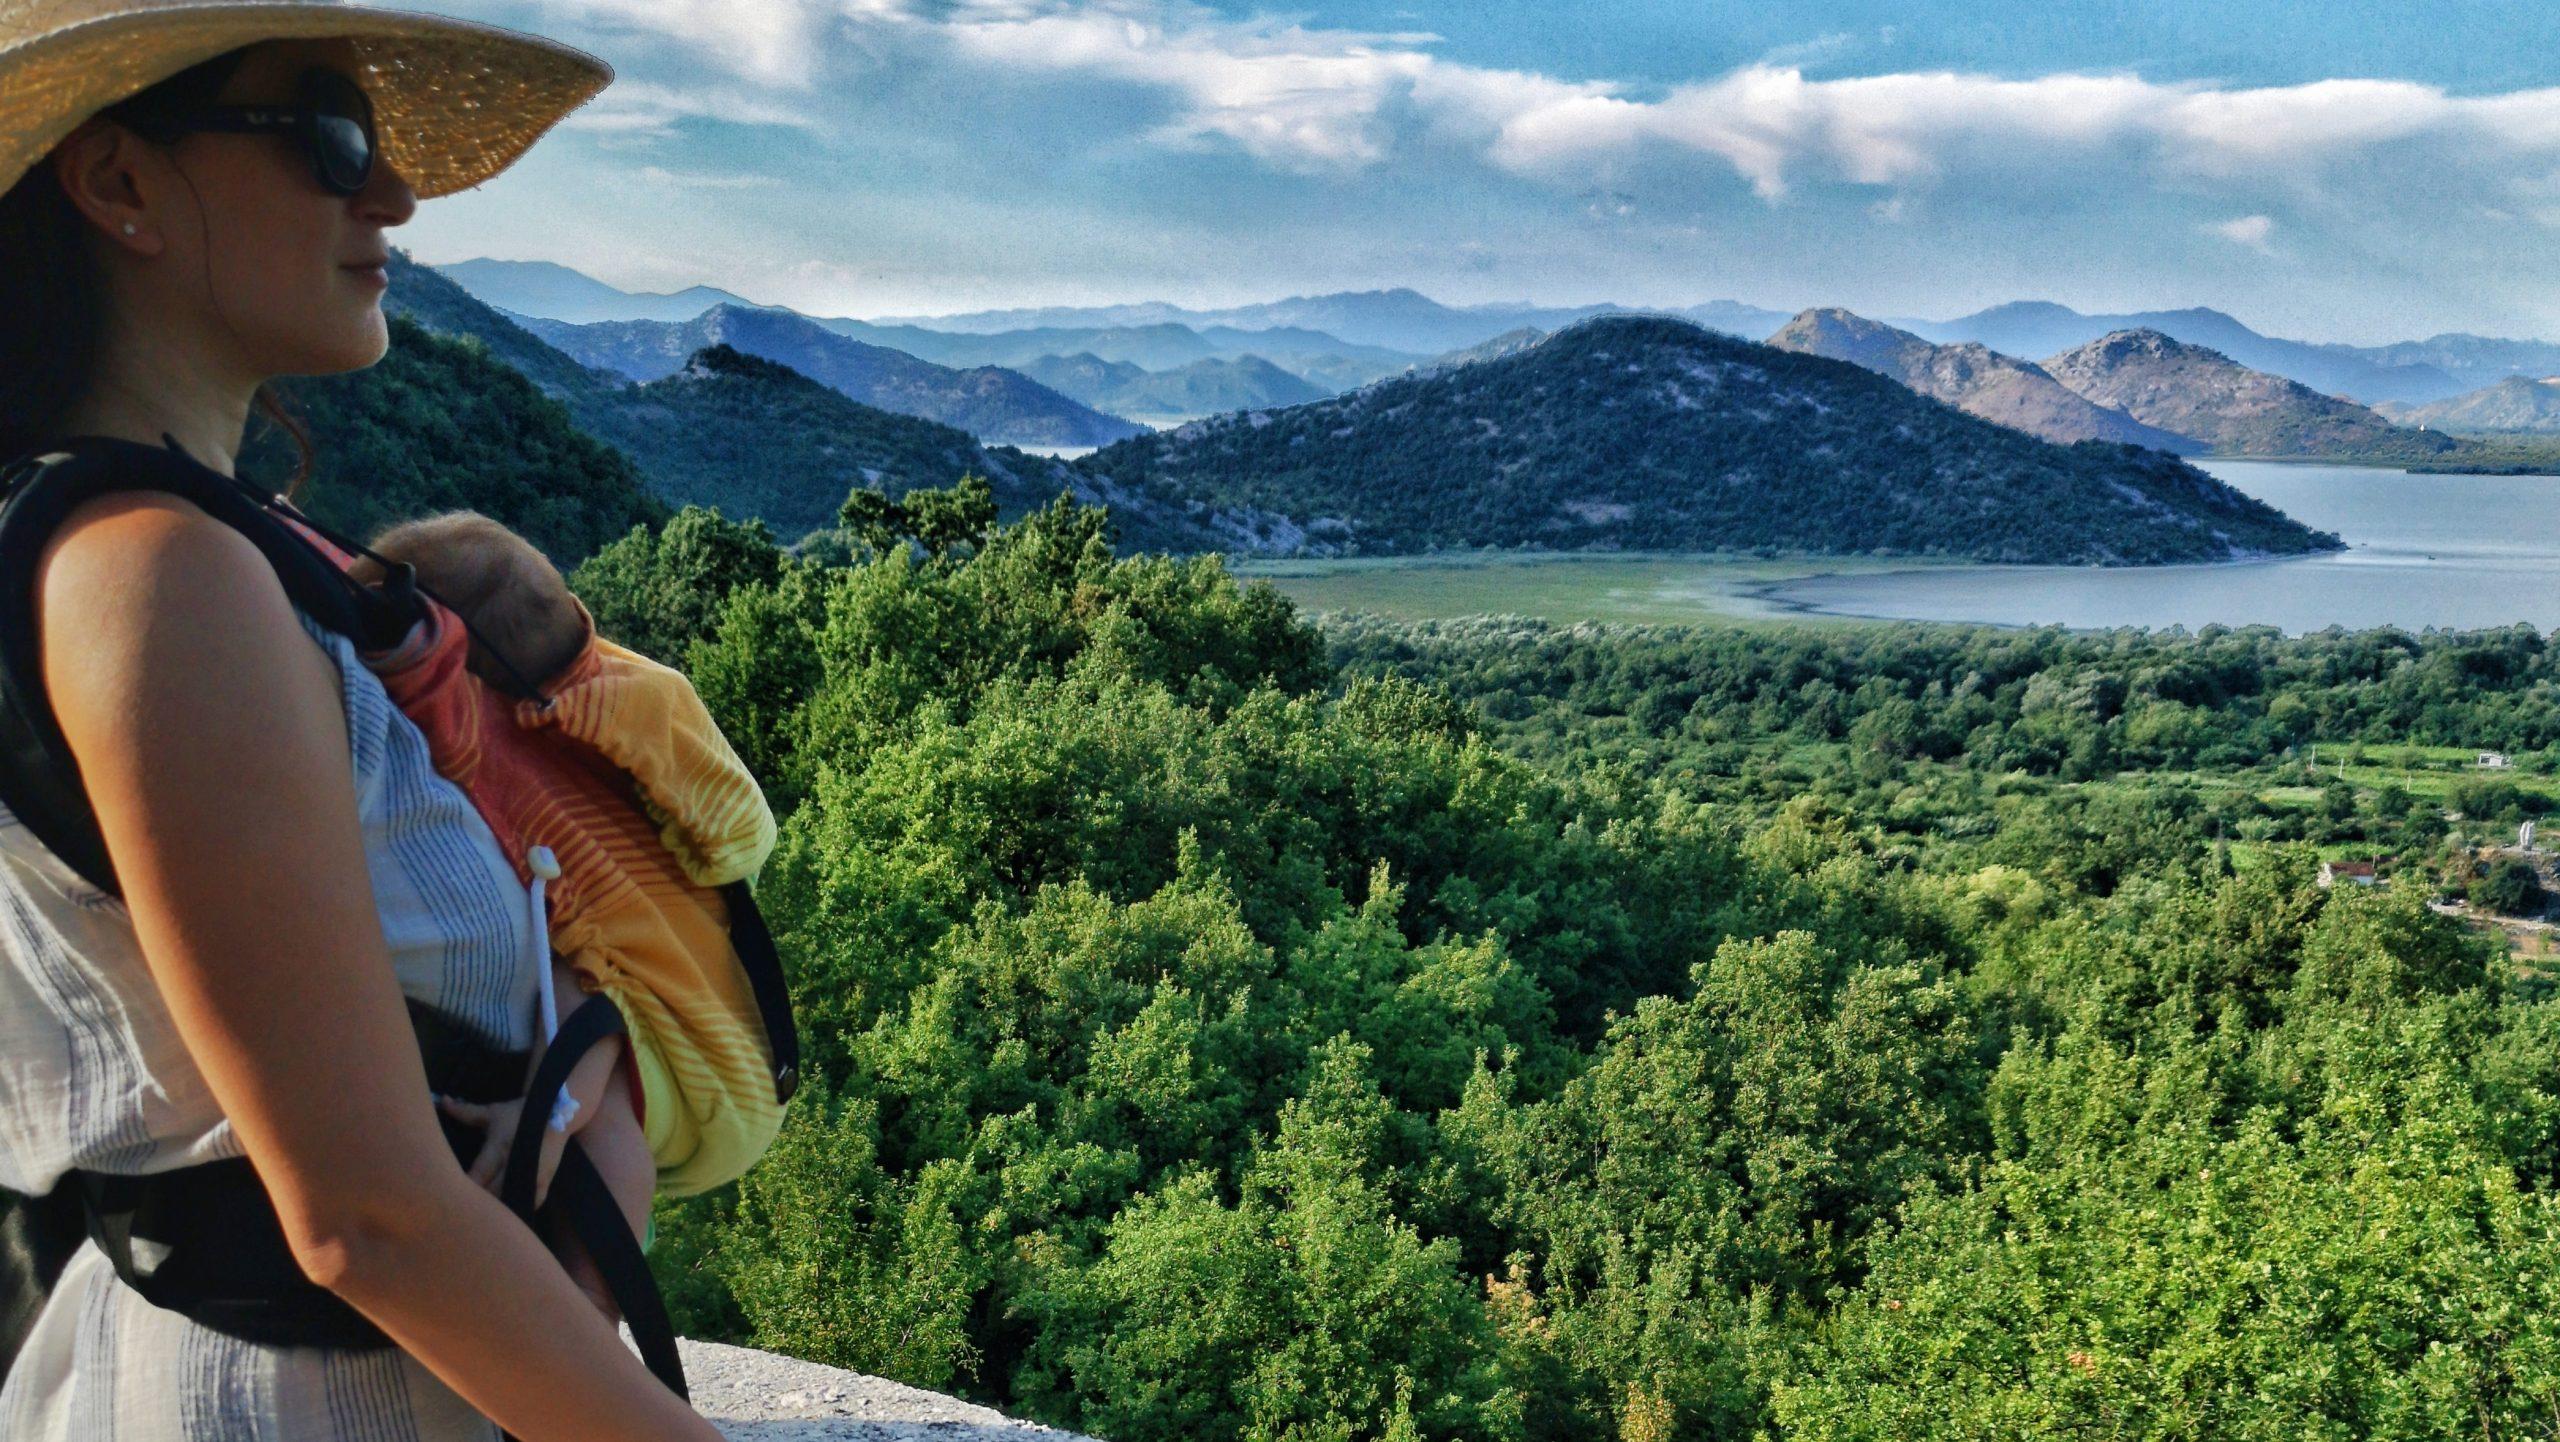 Montenegró gyerekkel – a Shkodrai-tó környéke pelikánokkal, bio farmmal és őszinte vendégszeretettel